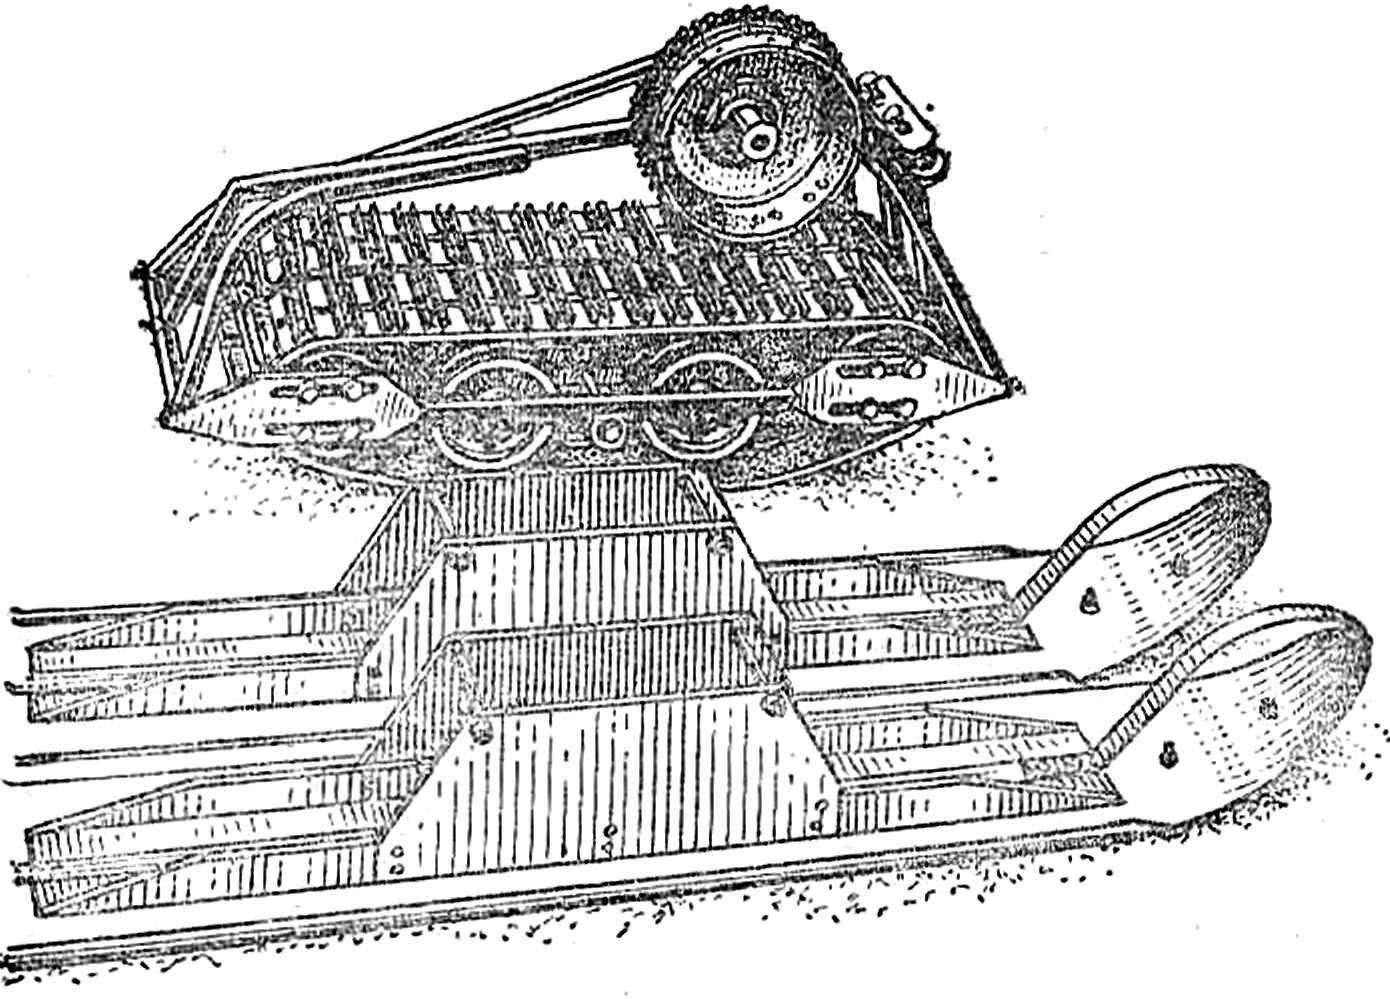 Р и с. 1. Г усенично-лыжиый комплект для мотоцикла с коляской.